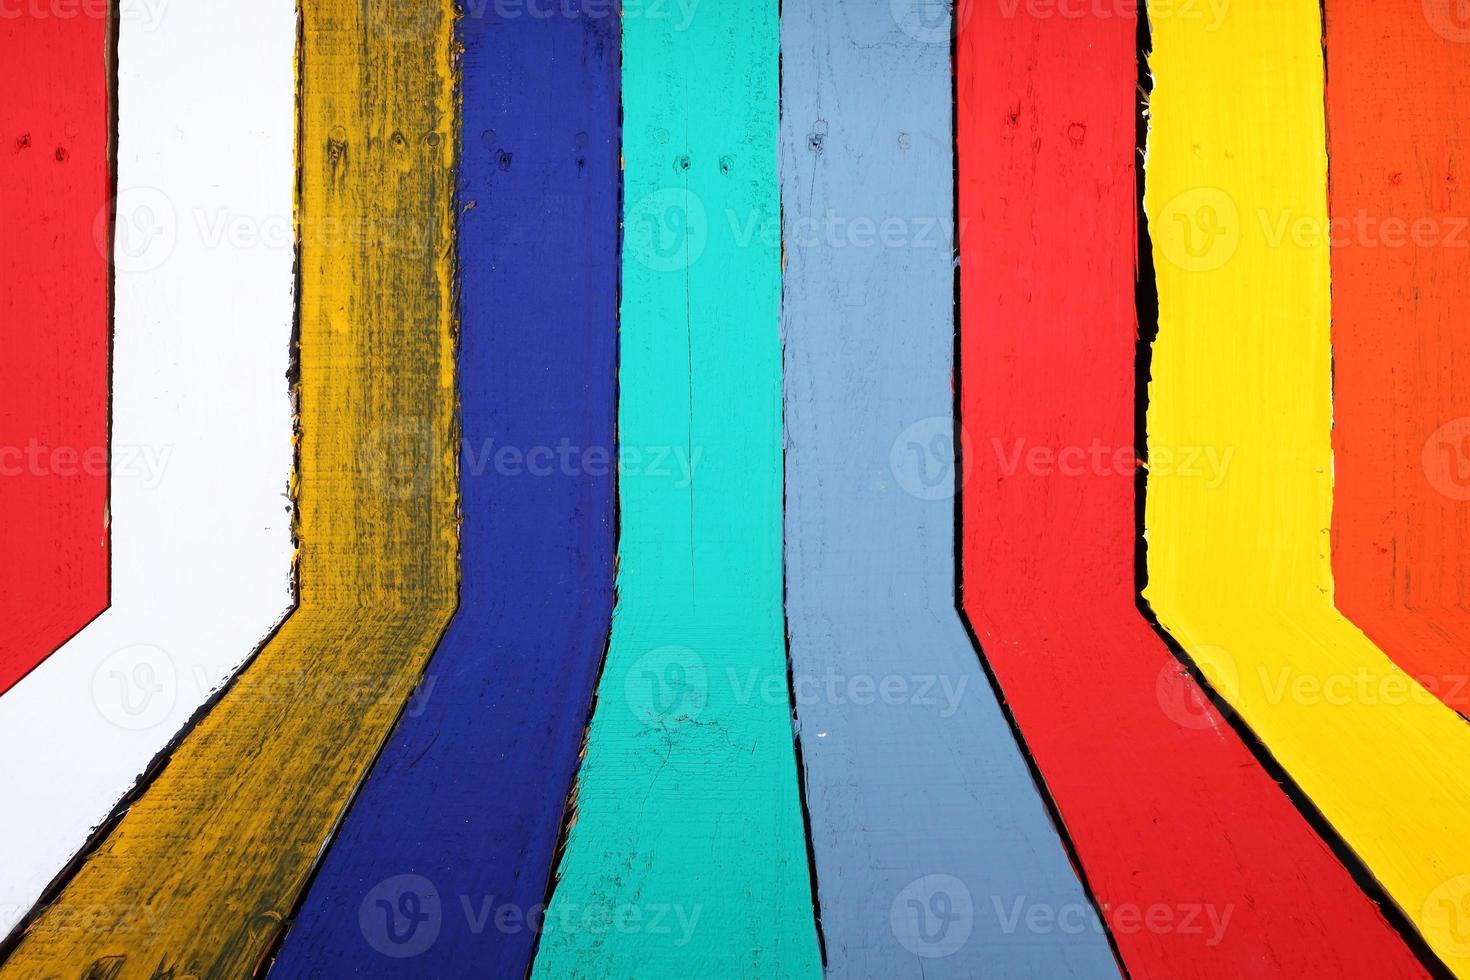 kleurrijke perspectiefmuur foto